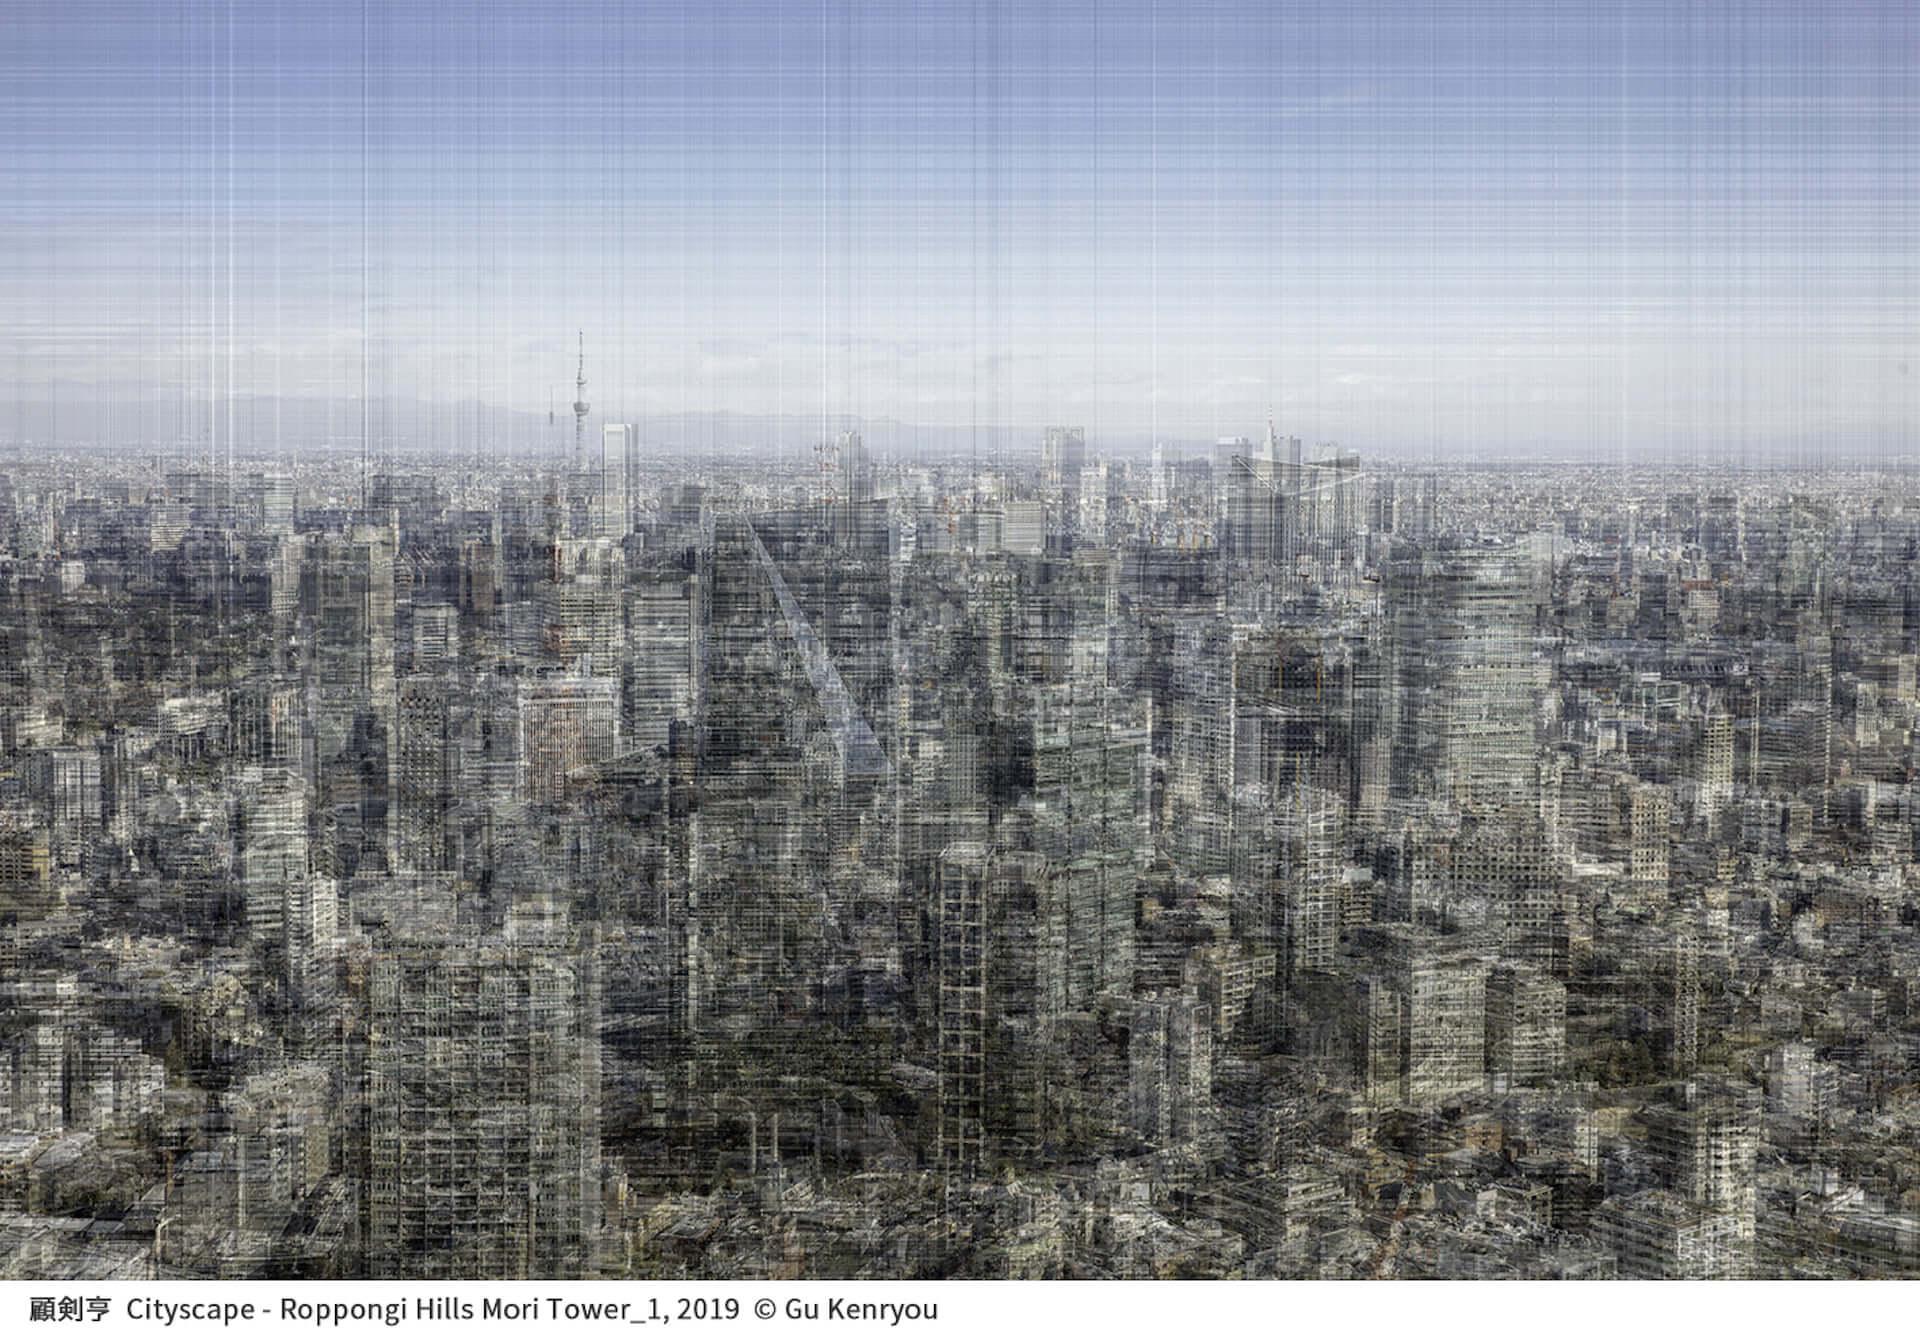 蔦屋書店にて<東京フォトグラフィックリサーチ>開催決定!小山泰介や永田康祐らが東京をテーマに写真・映像作品を制作 cdaf4665e852512ec53220a552bfbf20-1920x1335